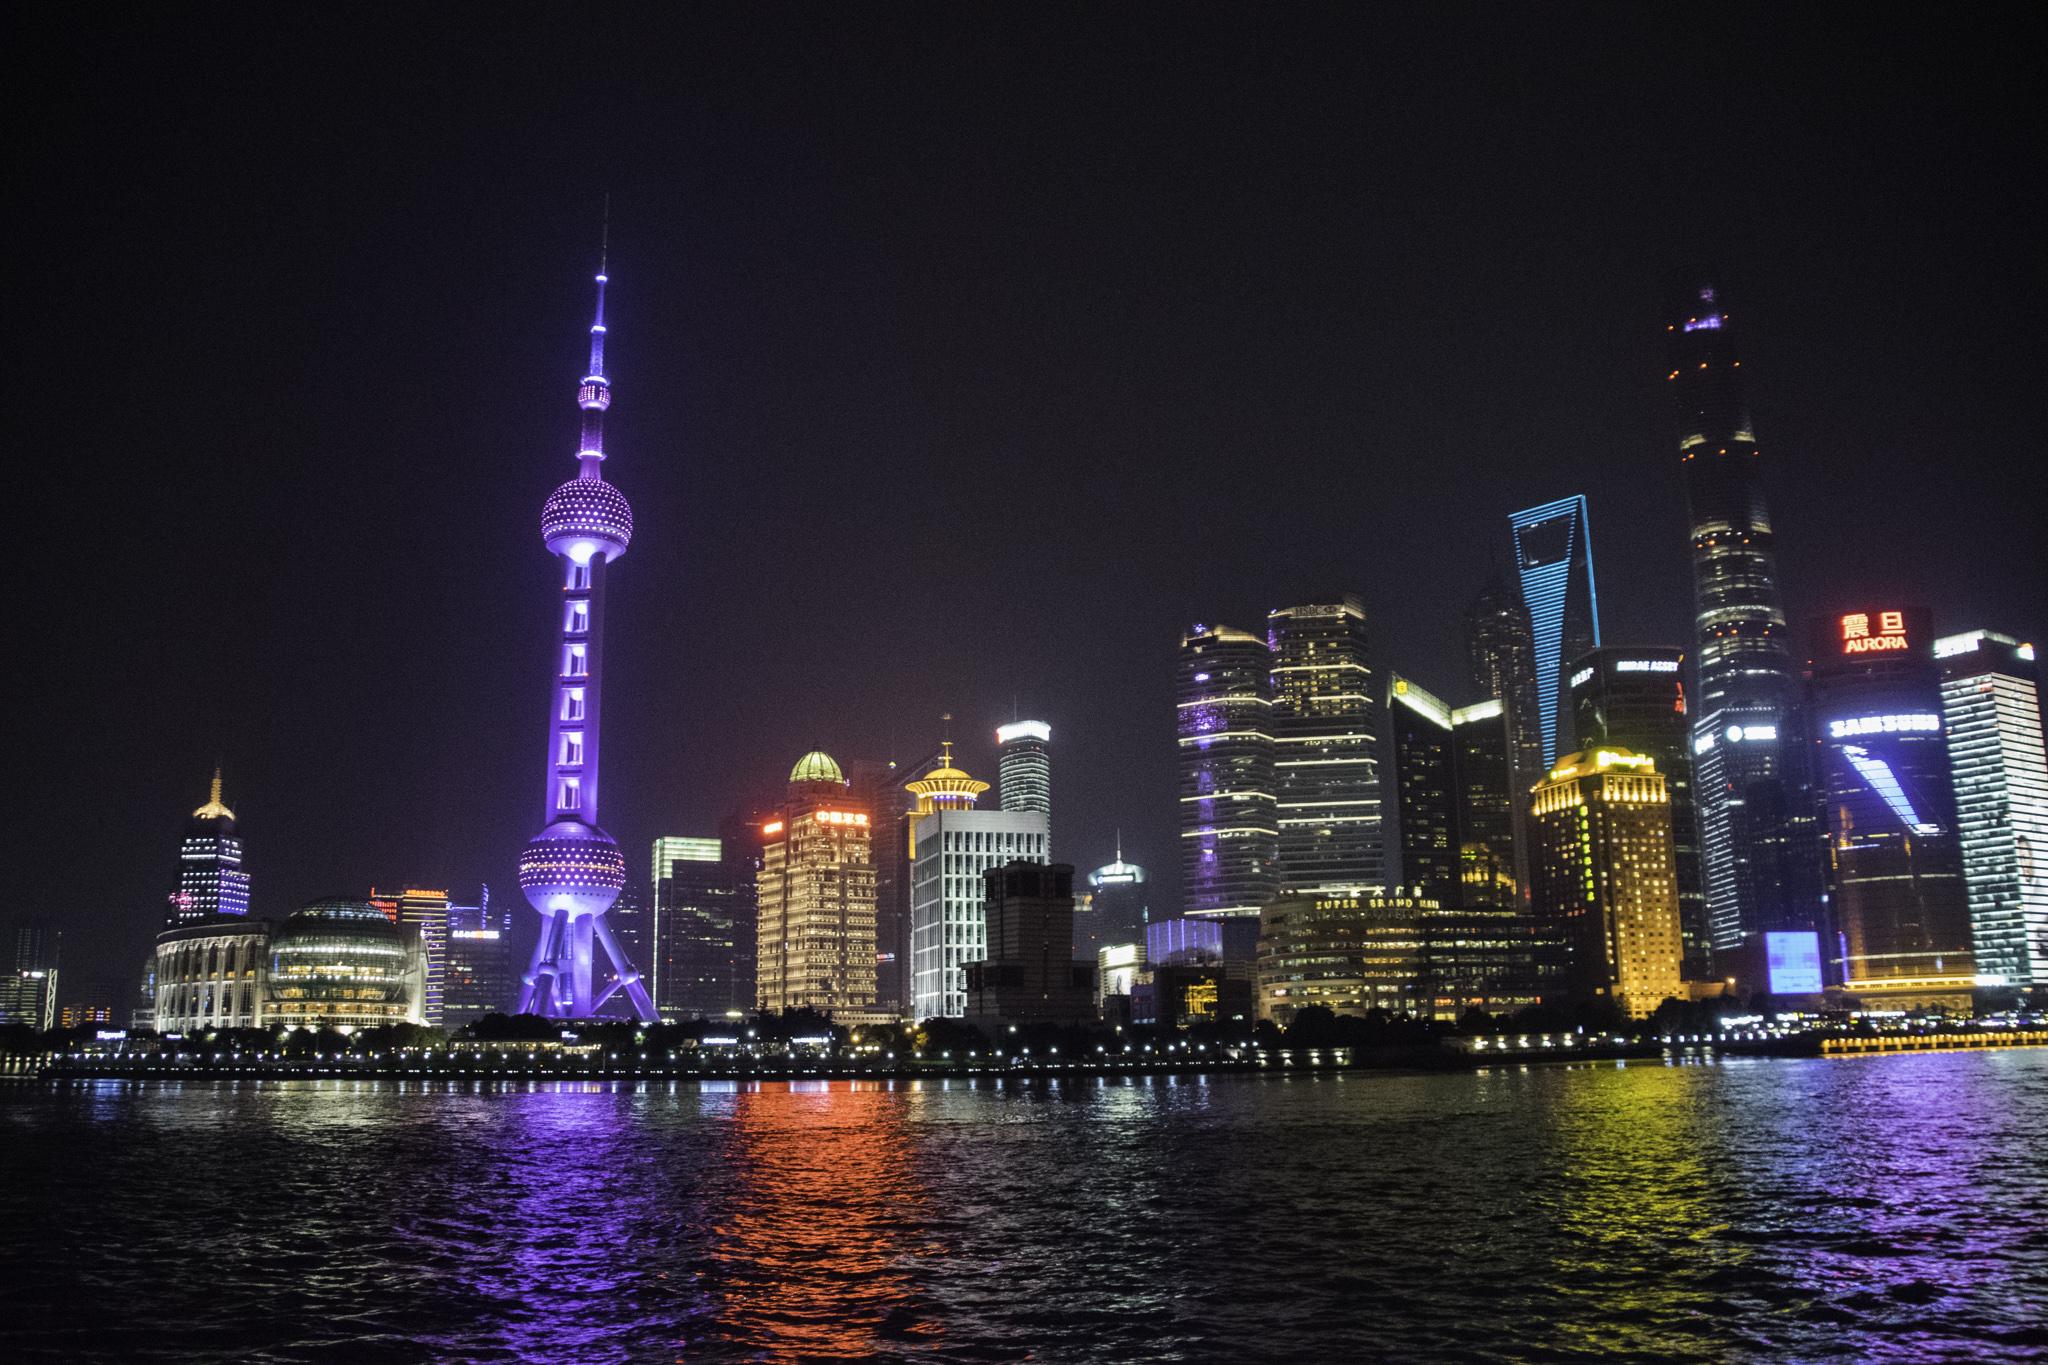 Pudong, das Geschäftsviertel gegenüber des Bunds